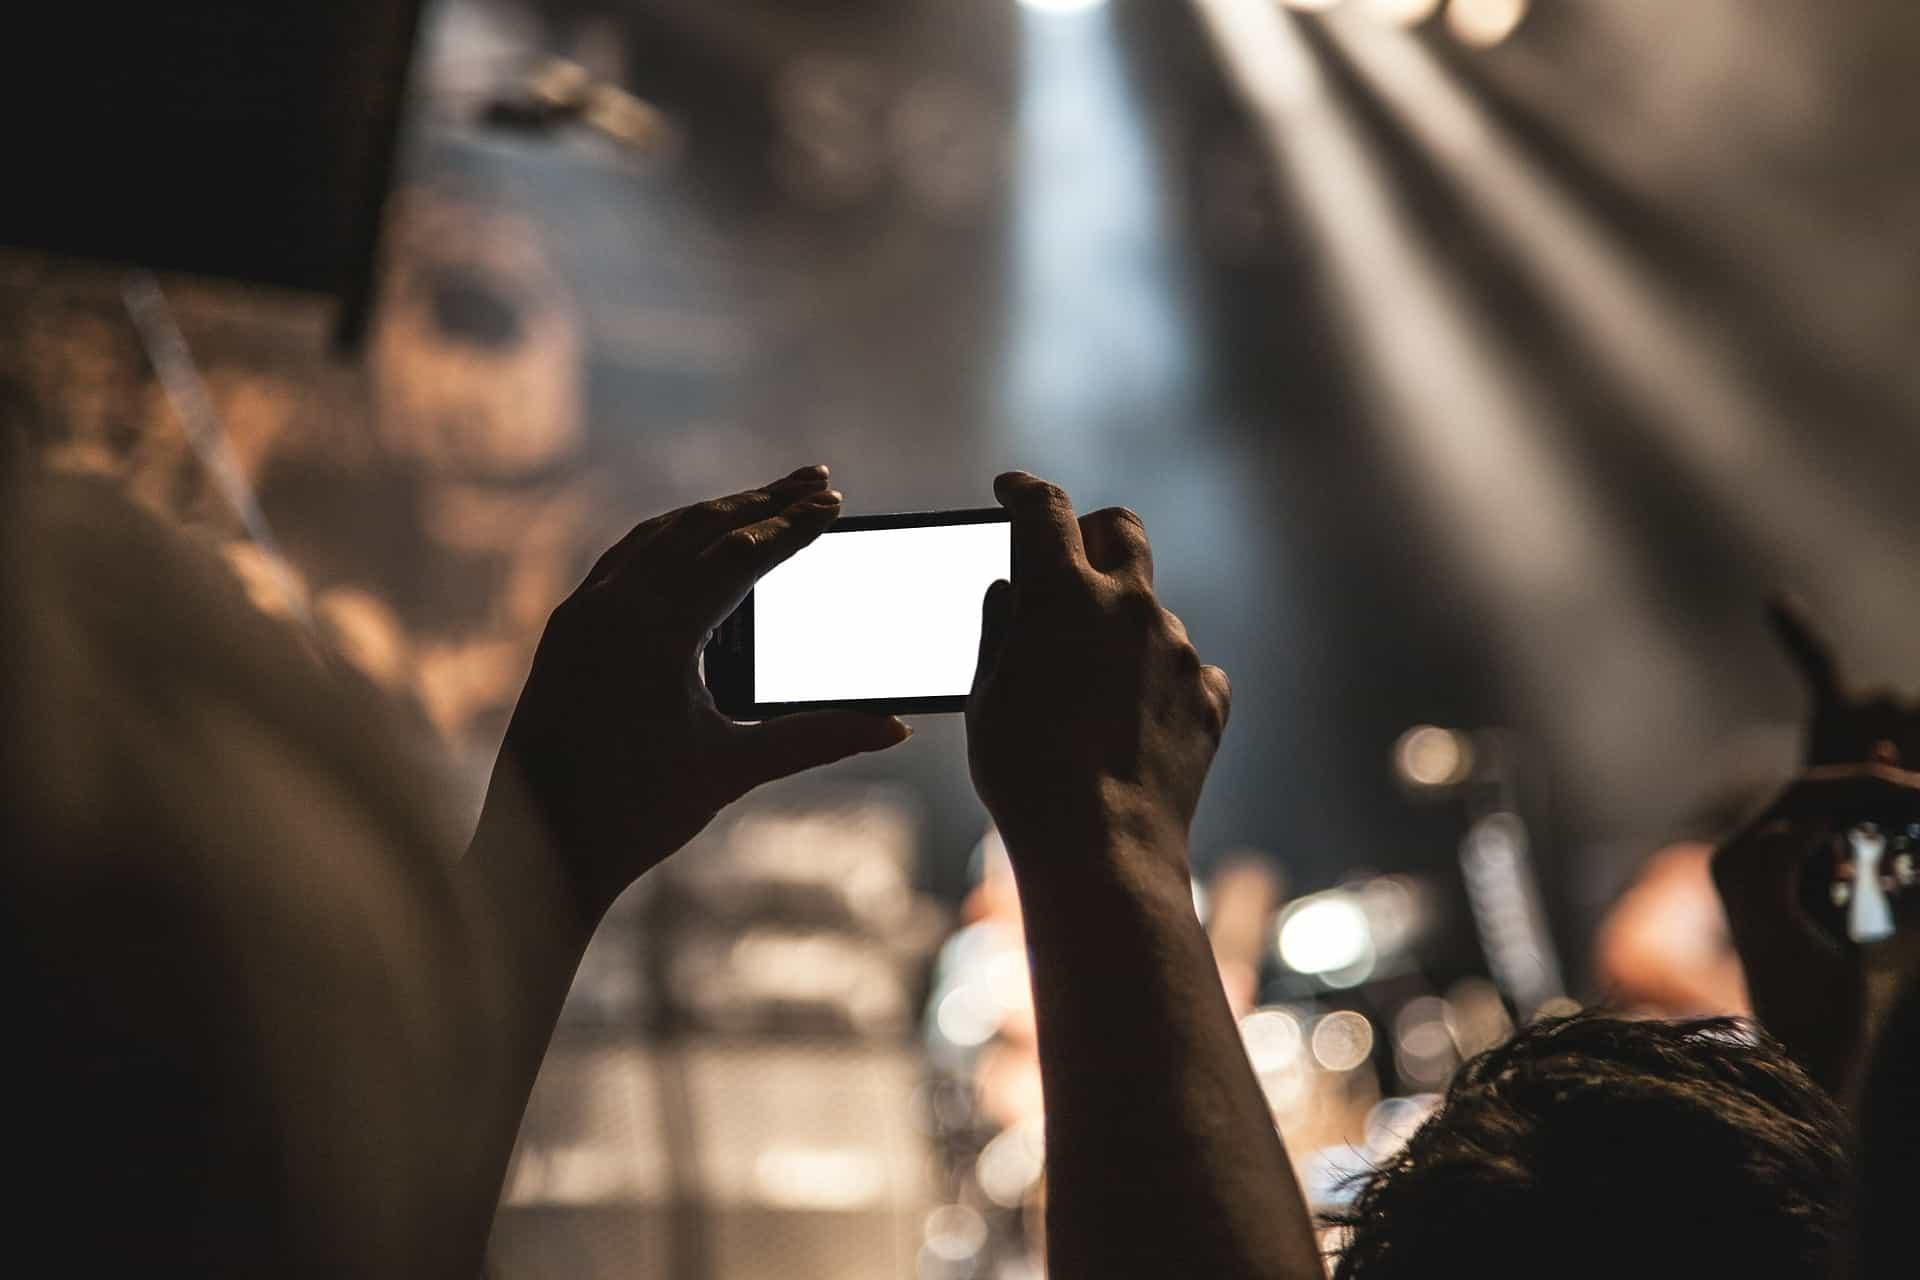 Fotografia de um celular sendo utilizado durante um show, para bater uma selfie. O visor branco indica o uso de flash para clareamento da foto.